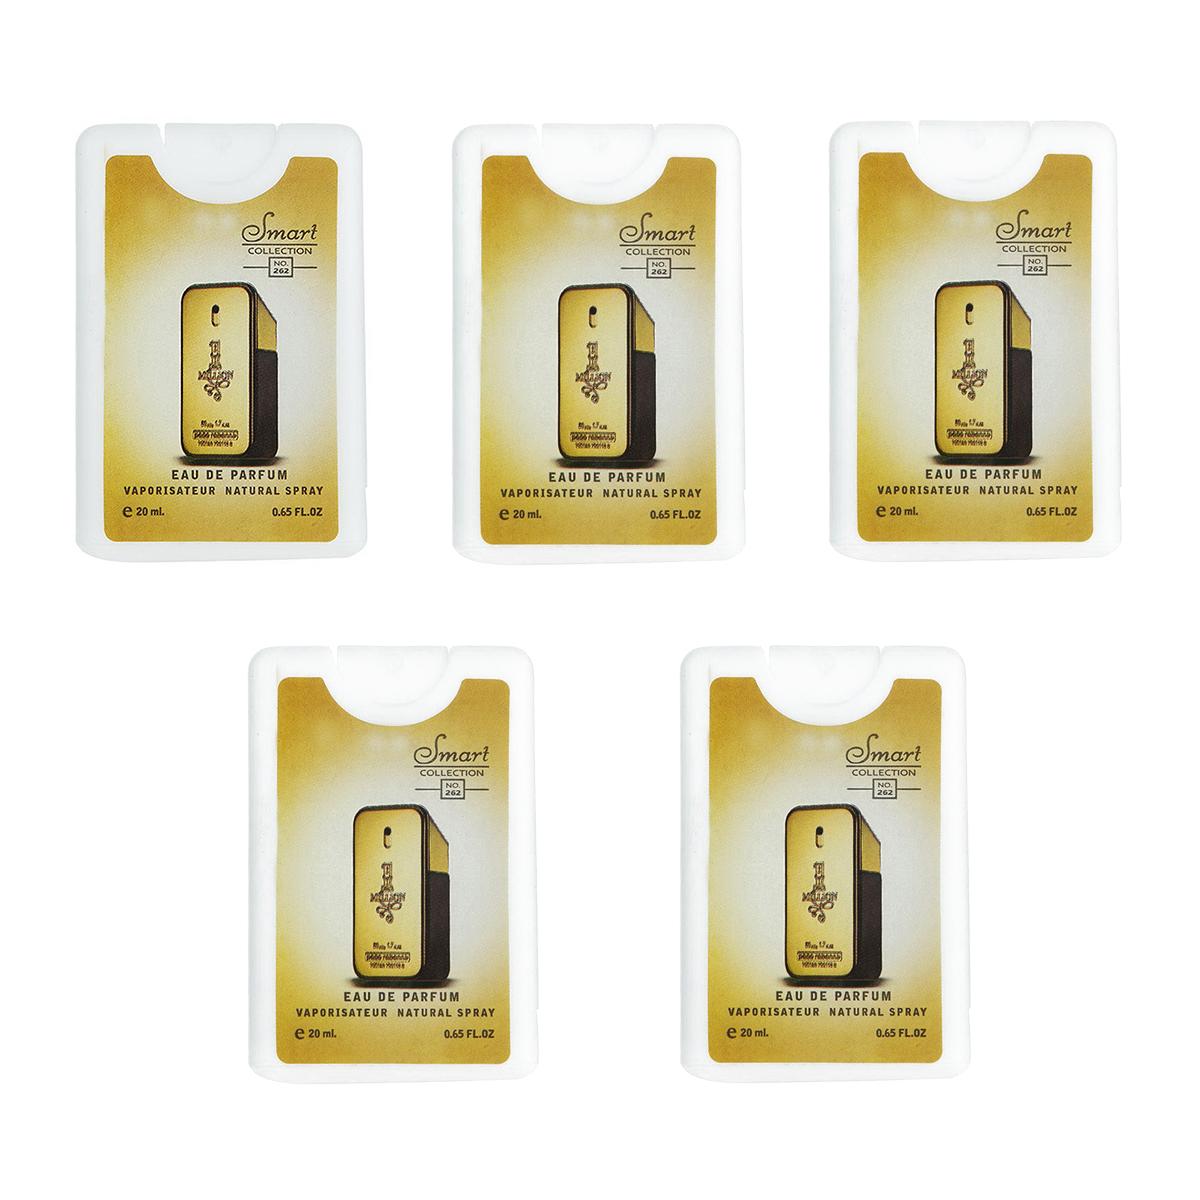 خرید اینترنتی عطر جیبی مردانه اسمارت کالکشن مدل 1 Million حجم 20 میلی لیتر مجموعه 5 عددی با قیمت مناسب